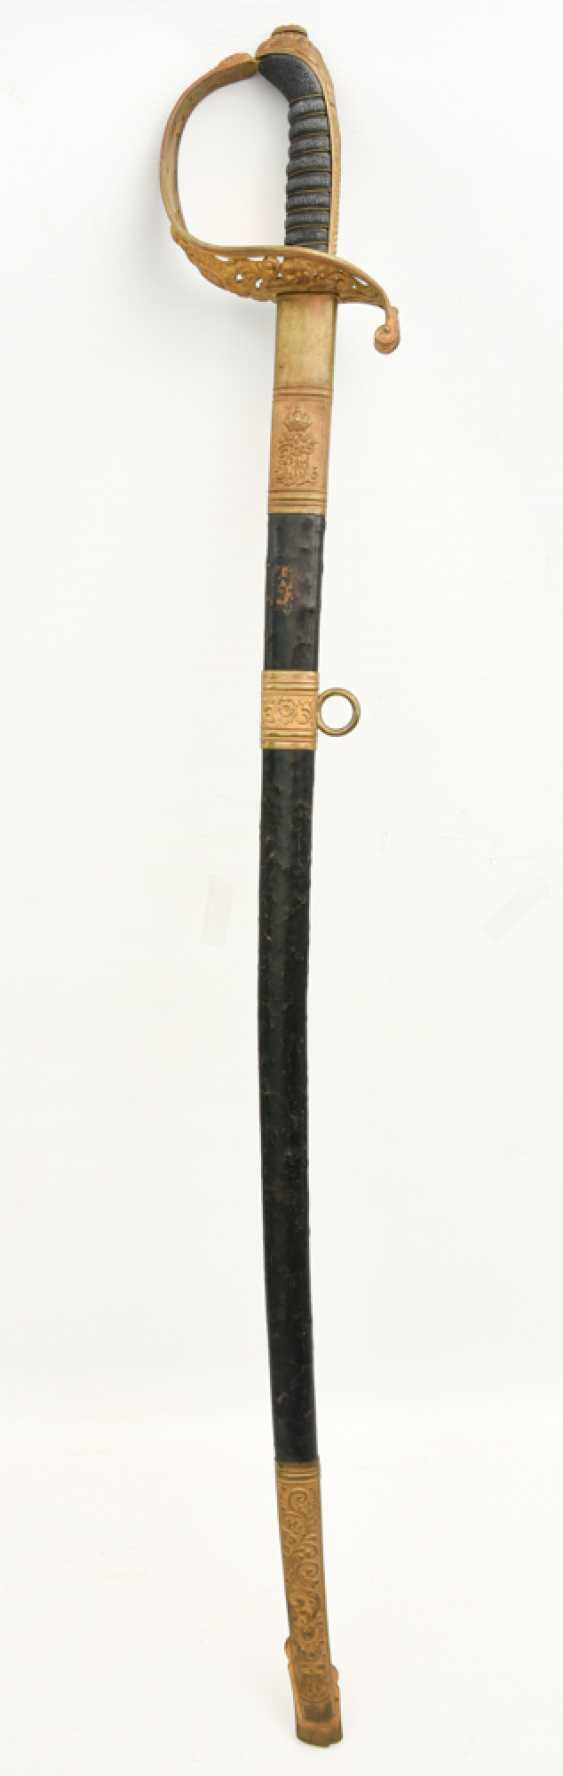 Parade saber, steel/brass/leather, Habsburg Empire 19. Century - photo 1